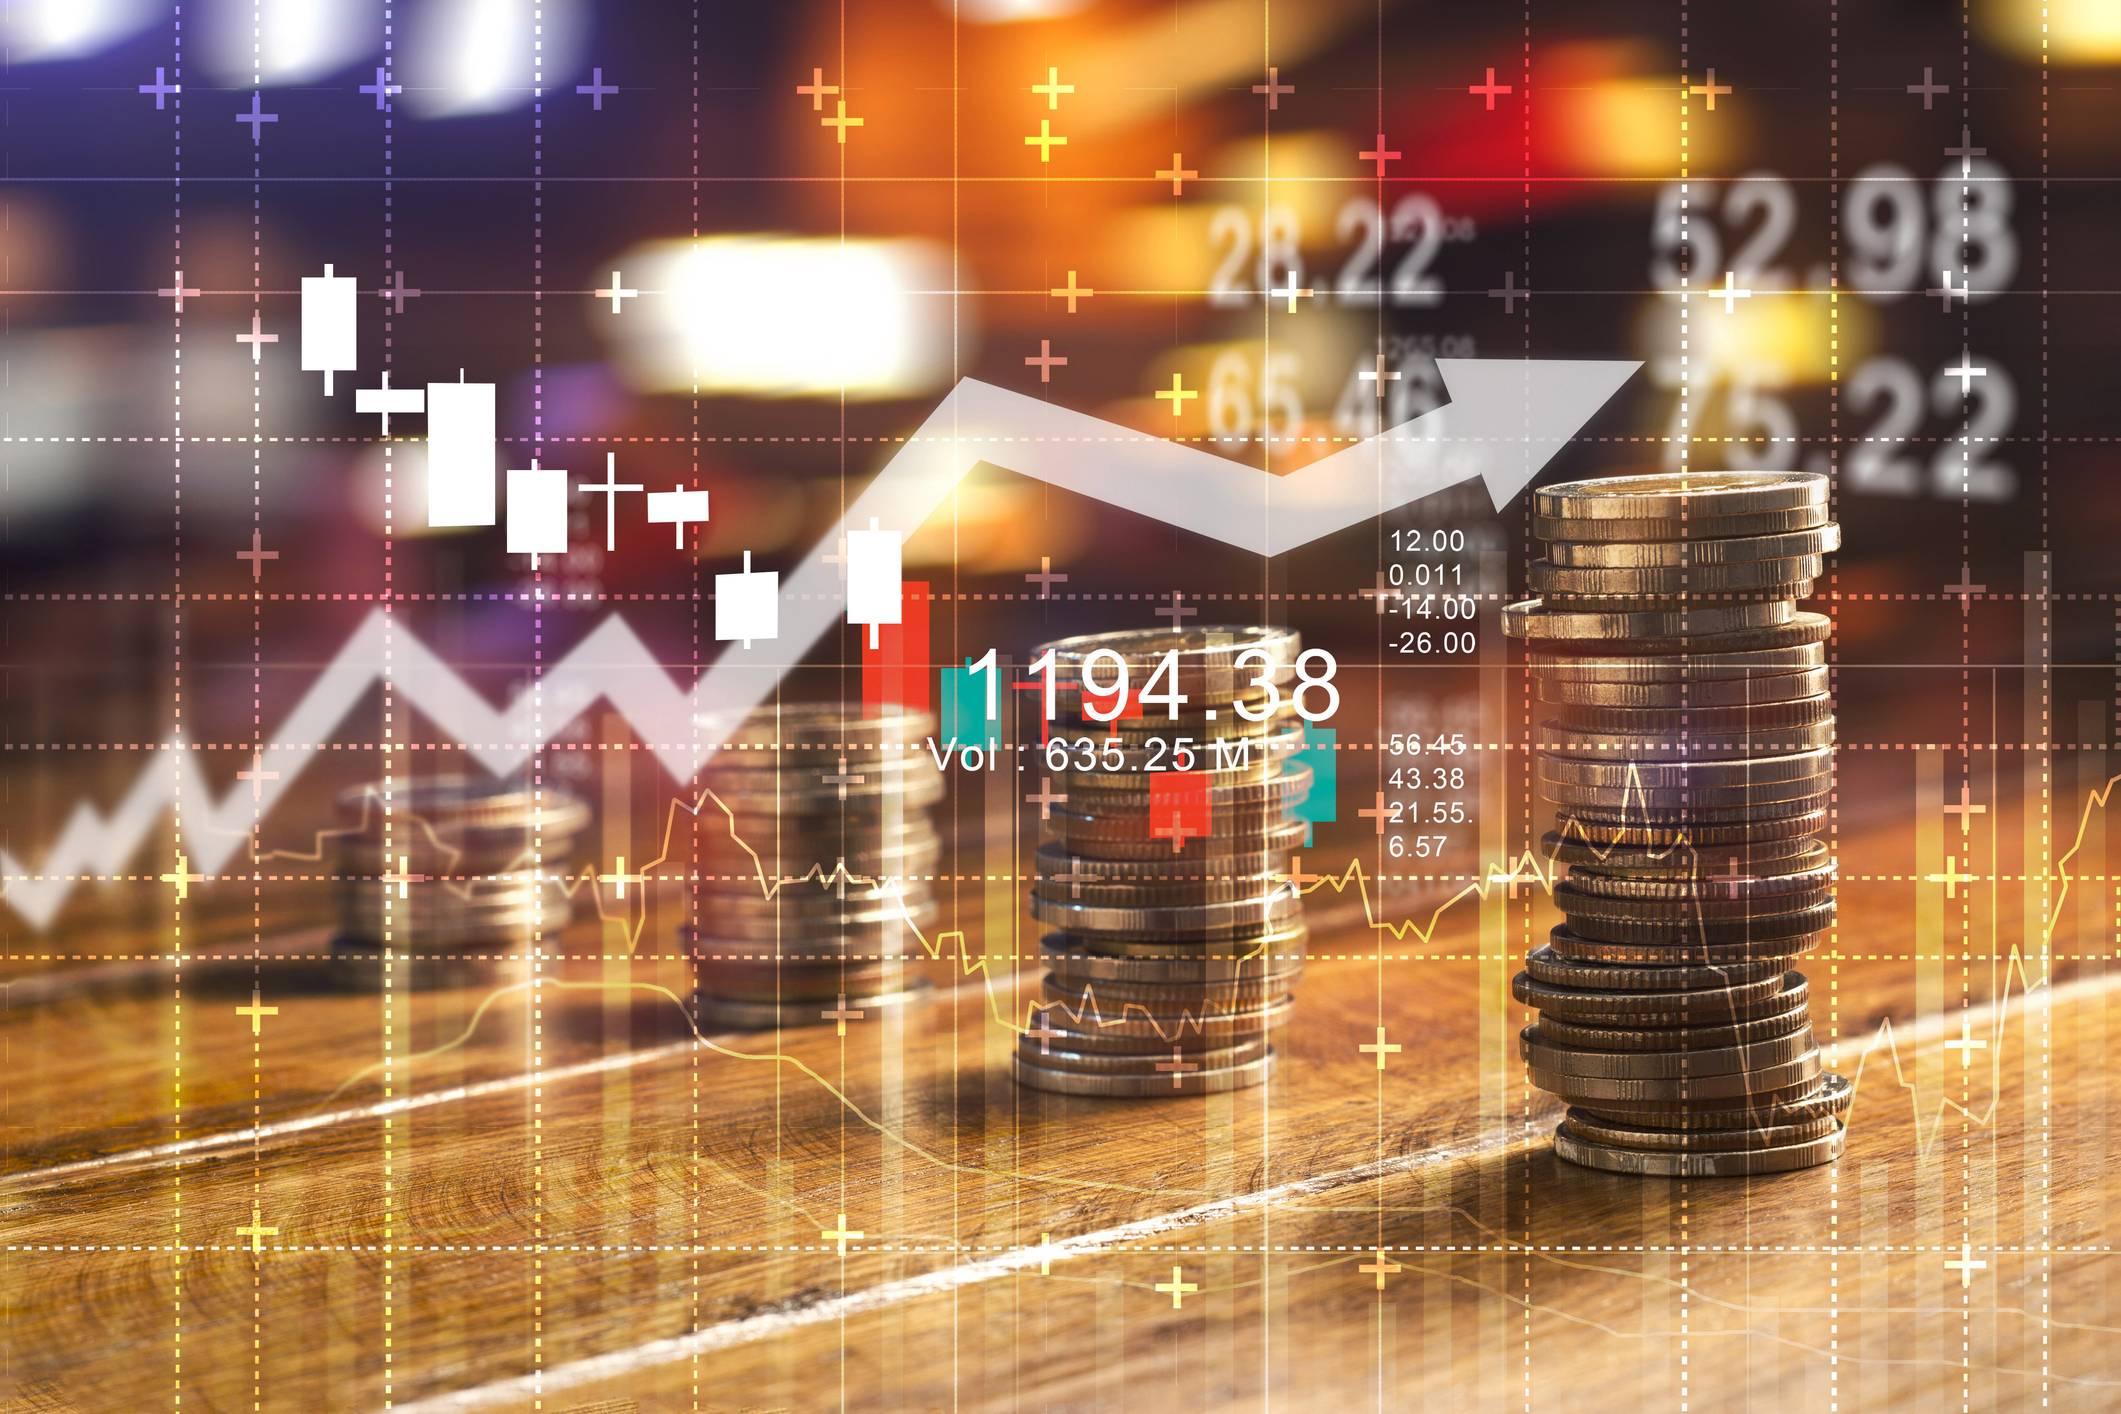 Renda-fixa-em-2021-como-investir-em-ano-com-alta-de-juros-inflacao-e-temor-fiscal.jpg